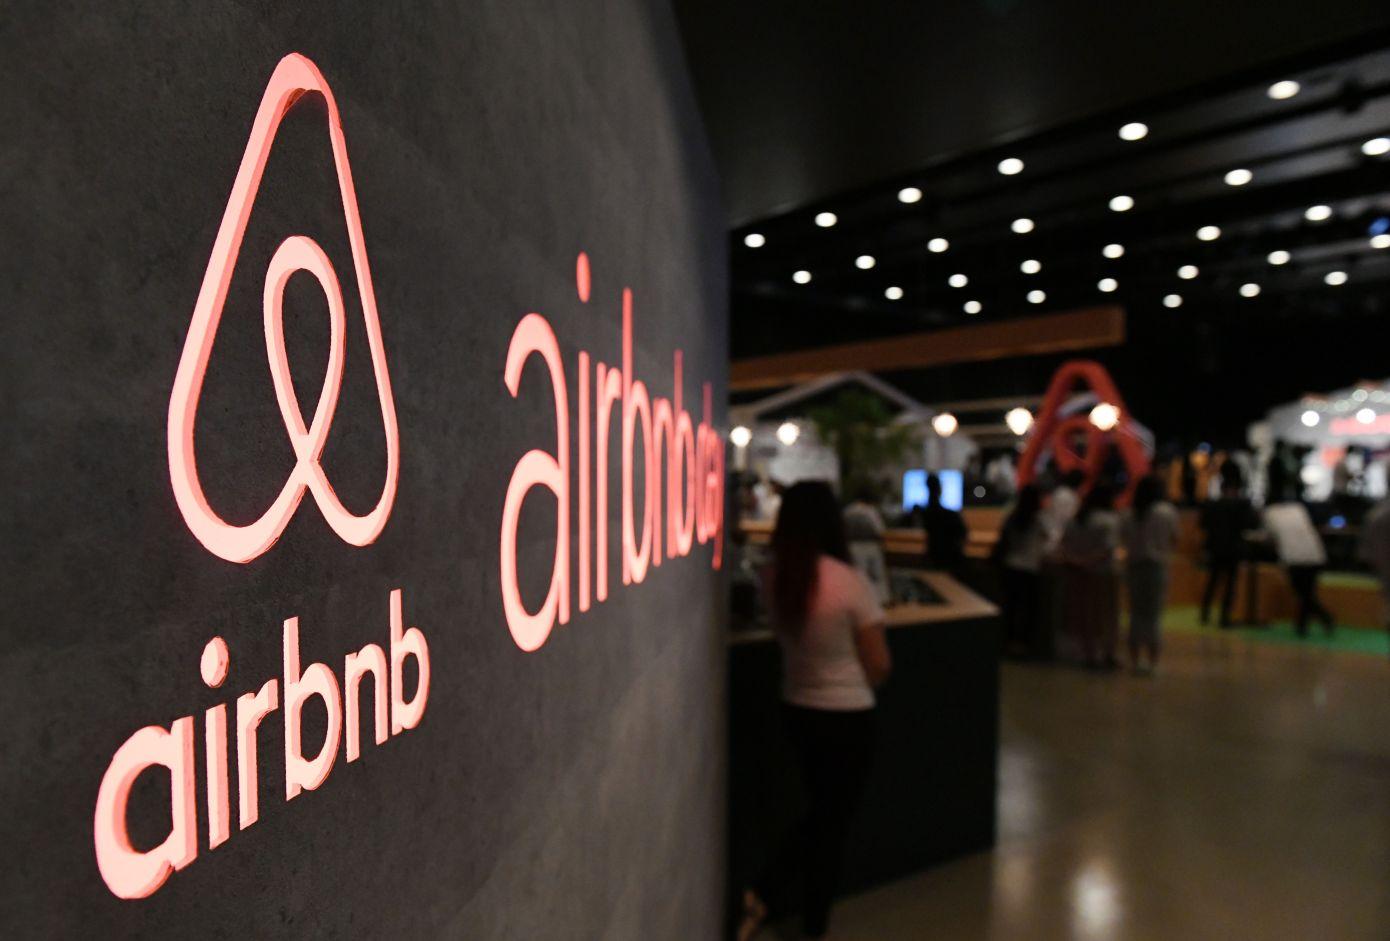 Airbnb llega a un acuerdo con la aplicación de reservas de hotel de última hora HotelTonight